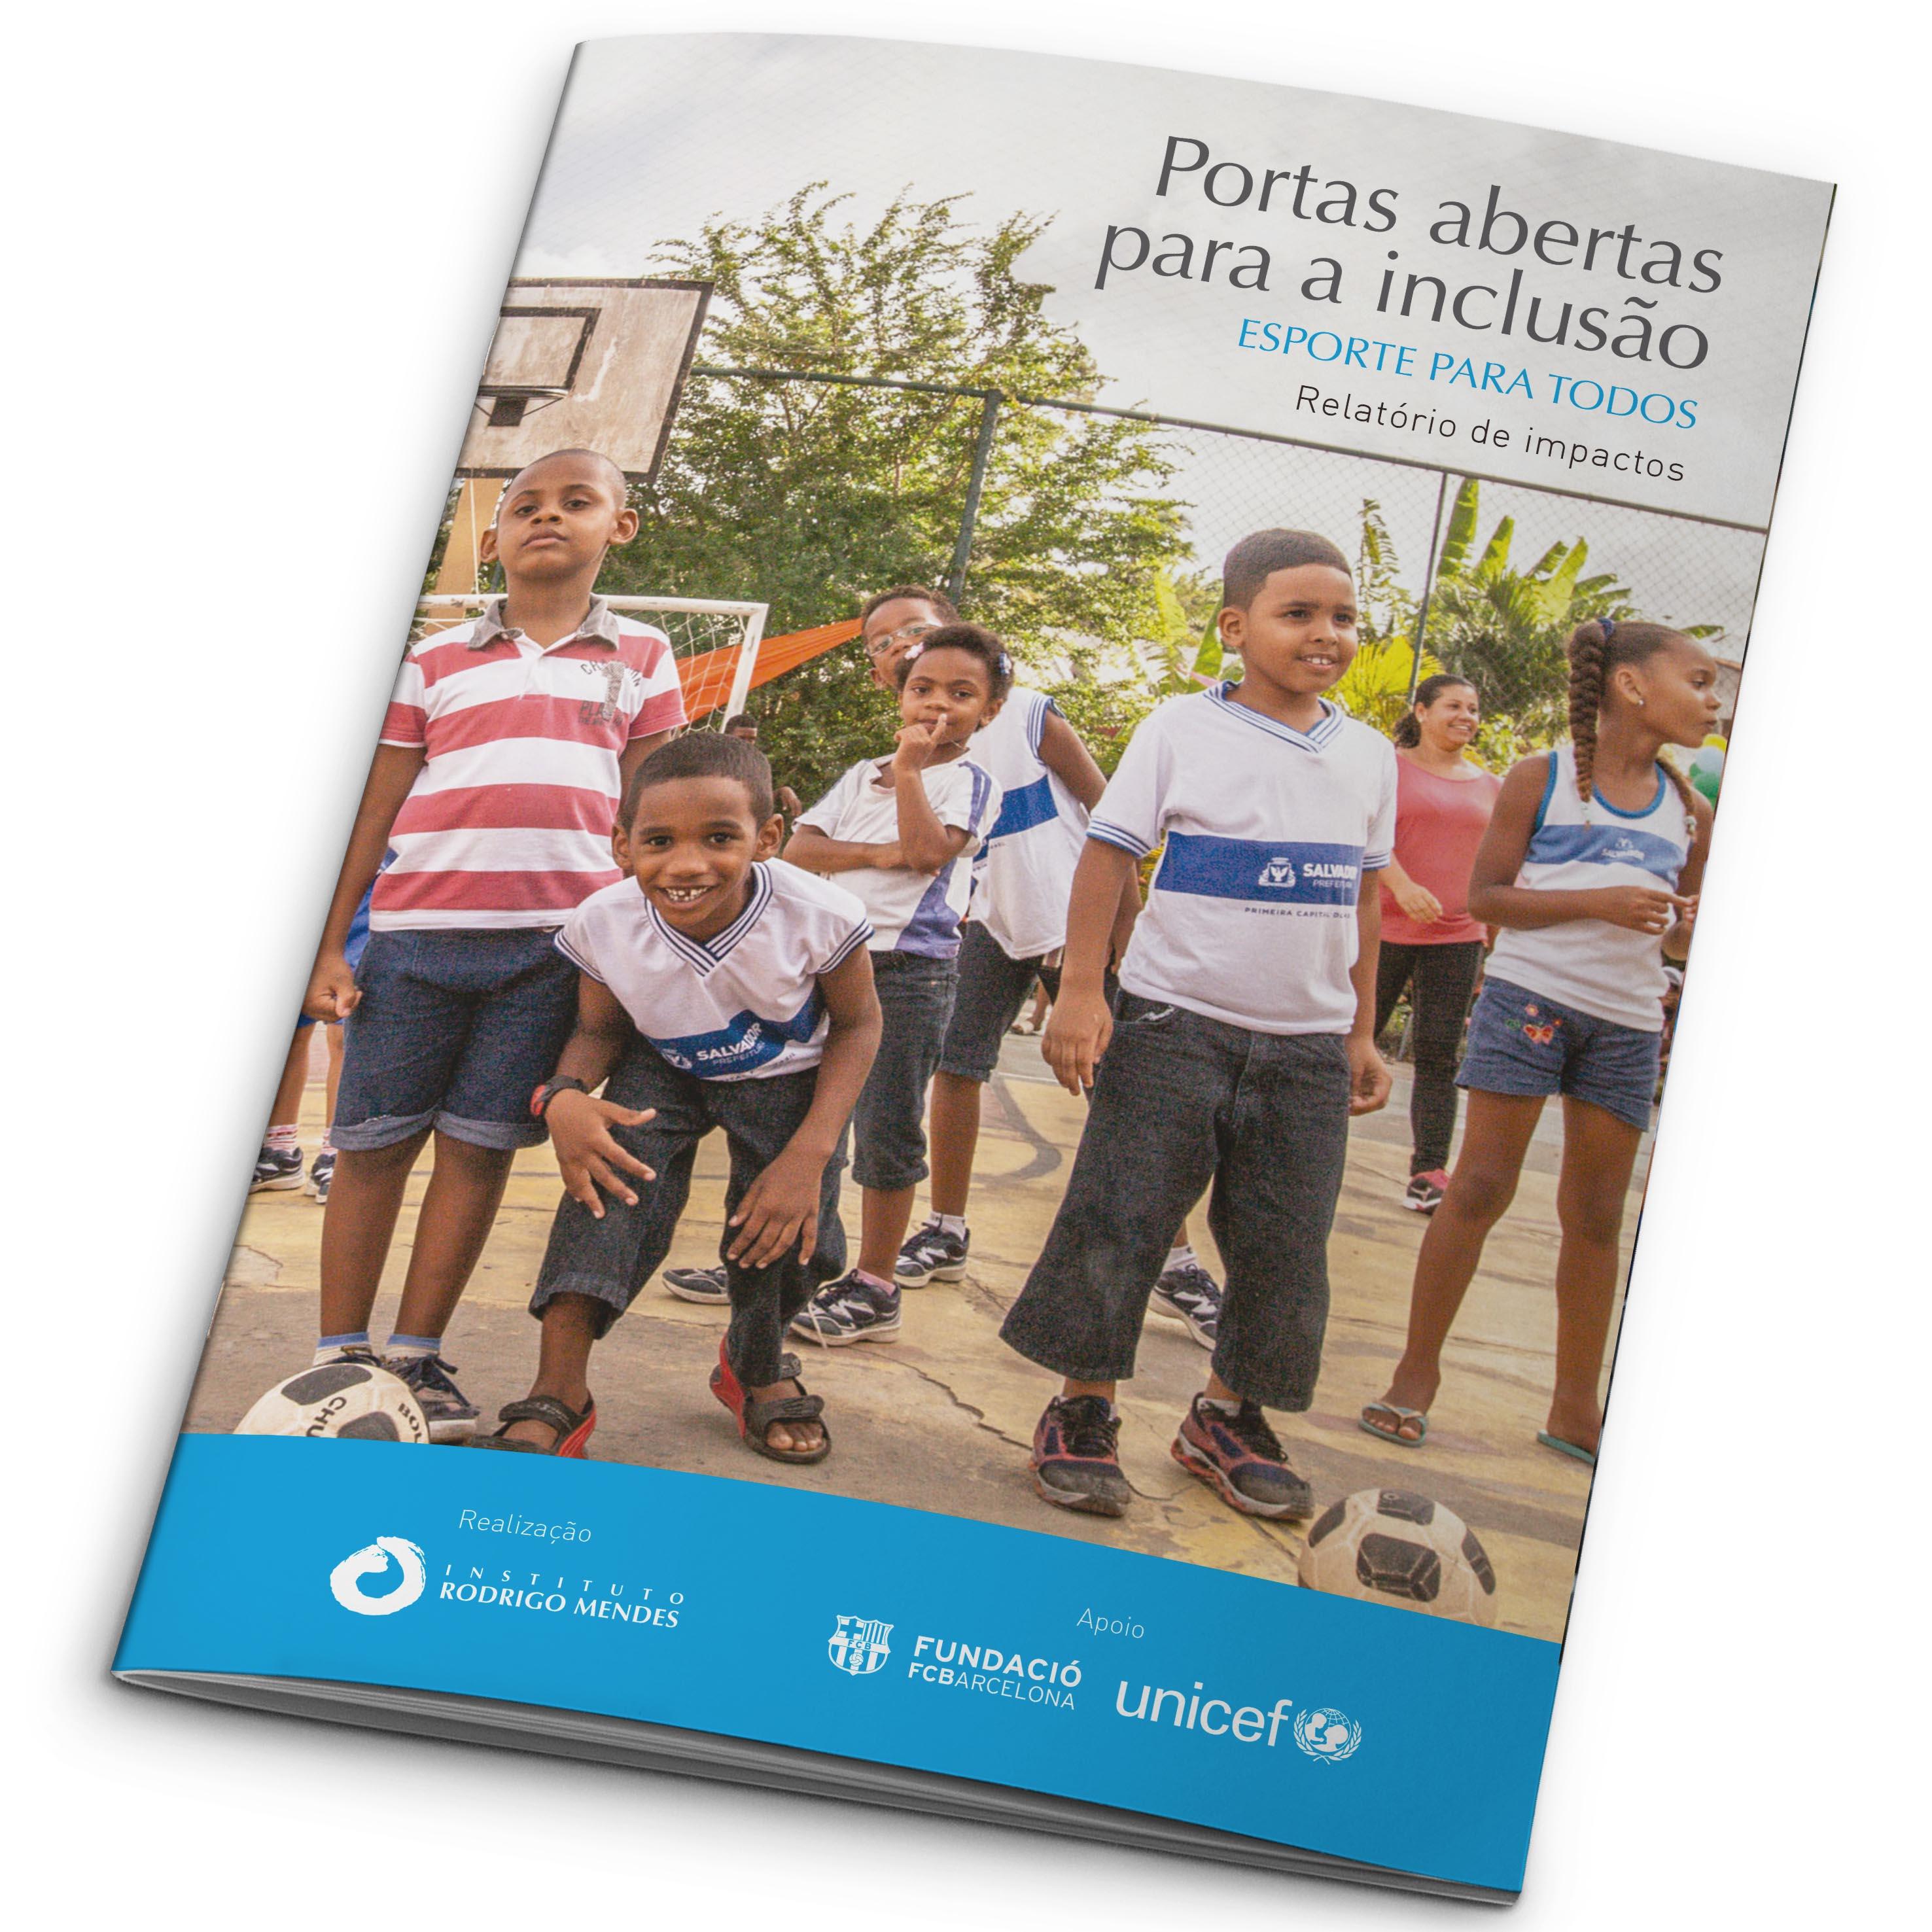 2014 - Relatório de impactos  http://bit.ly/2bfwkh2